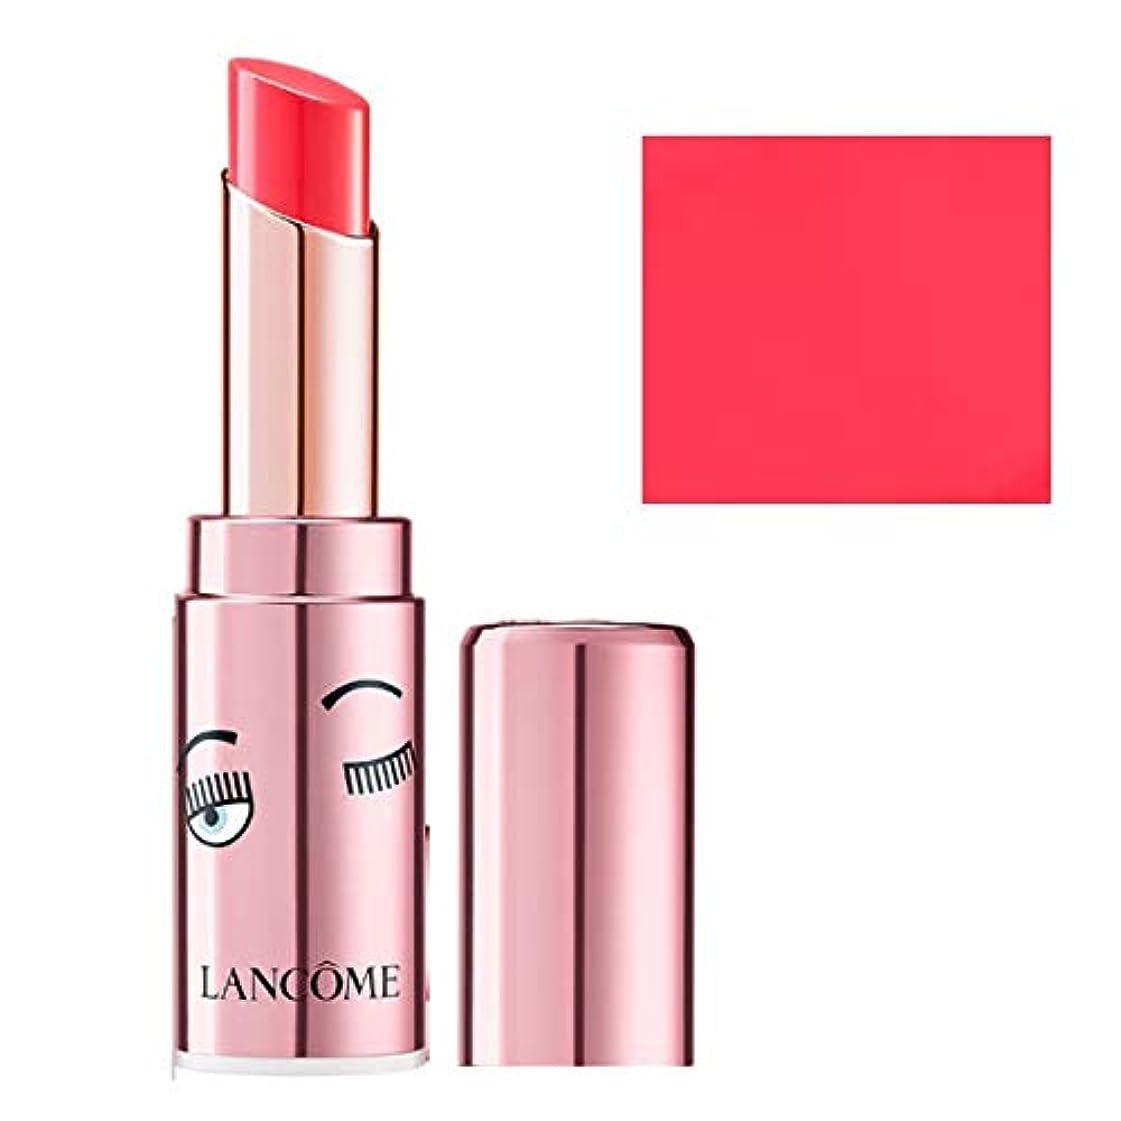 びっくりサスペンドパイントランコム(LANCOME), 限定版 limited-edition, x Chiara Ferragni L'Absolu Mademoiselle Shine Balm Lipstick - Positive Attitude...